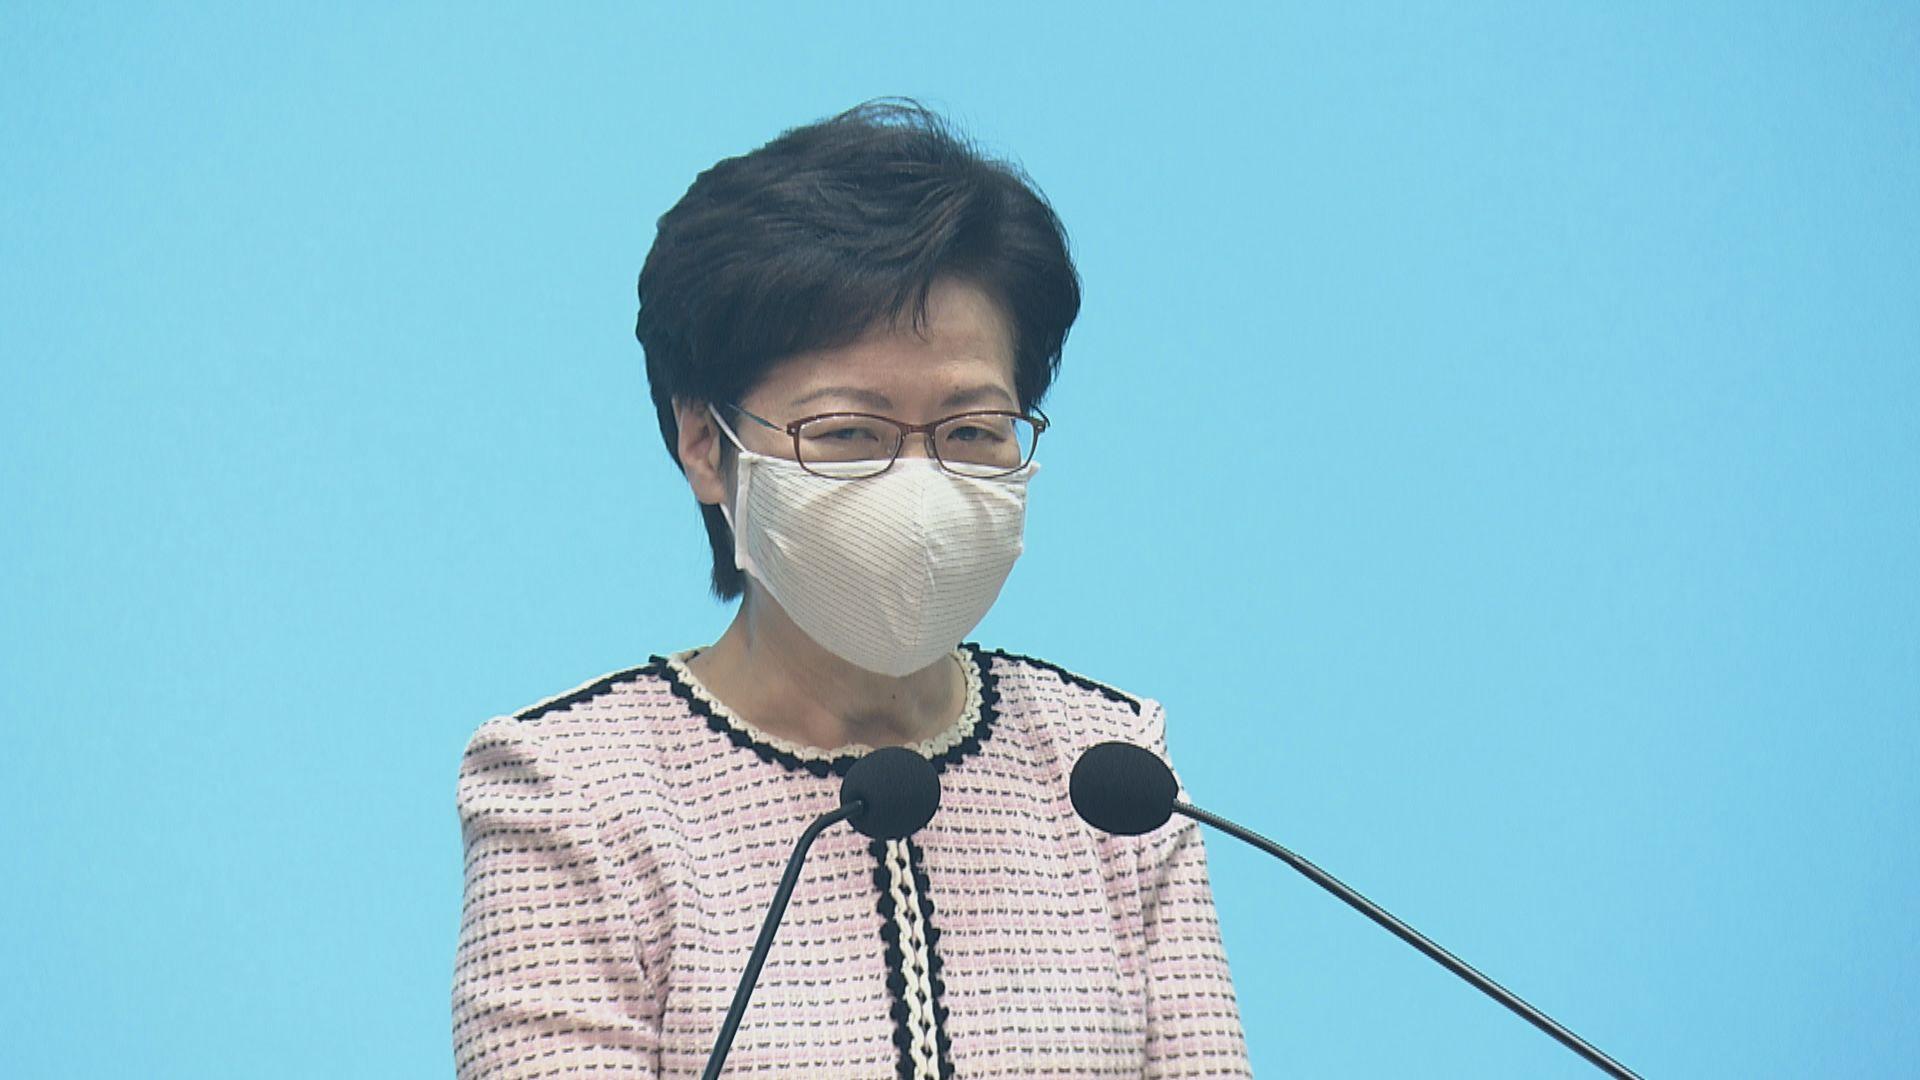 【最新】林鄭:行政主導下會確保司法獨立 社會不宜肆意評論案件